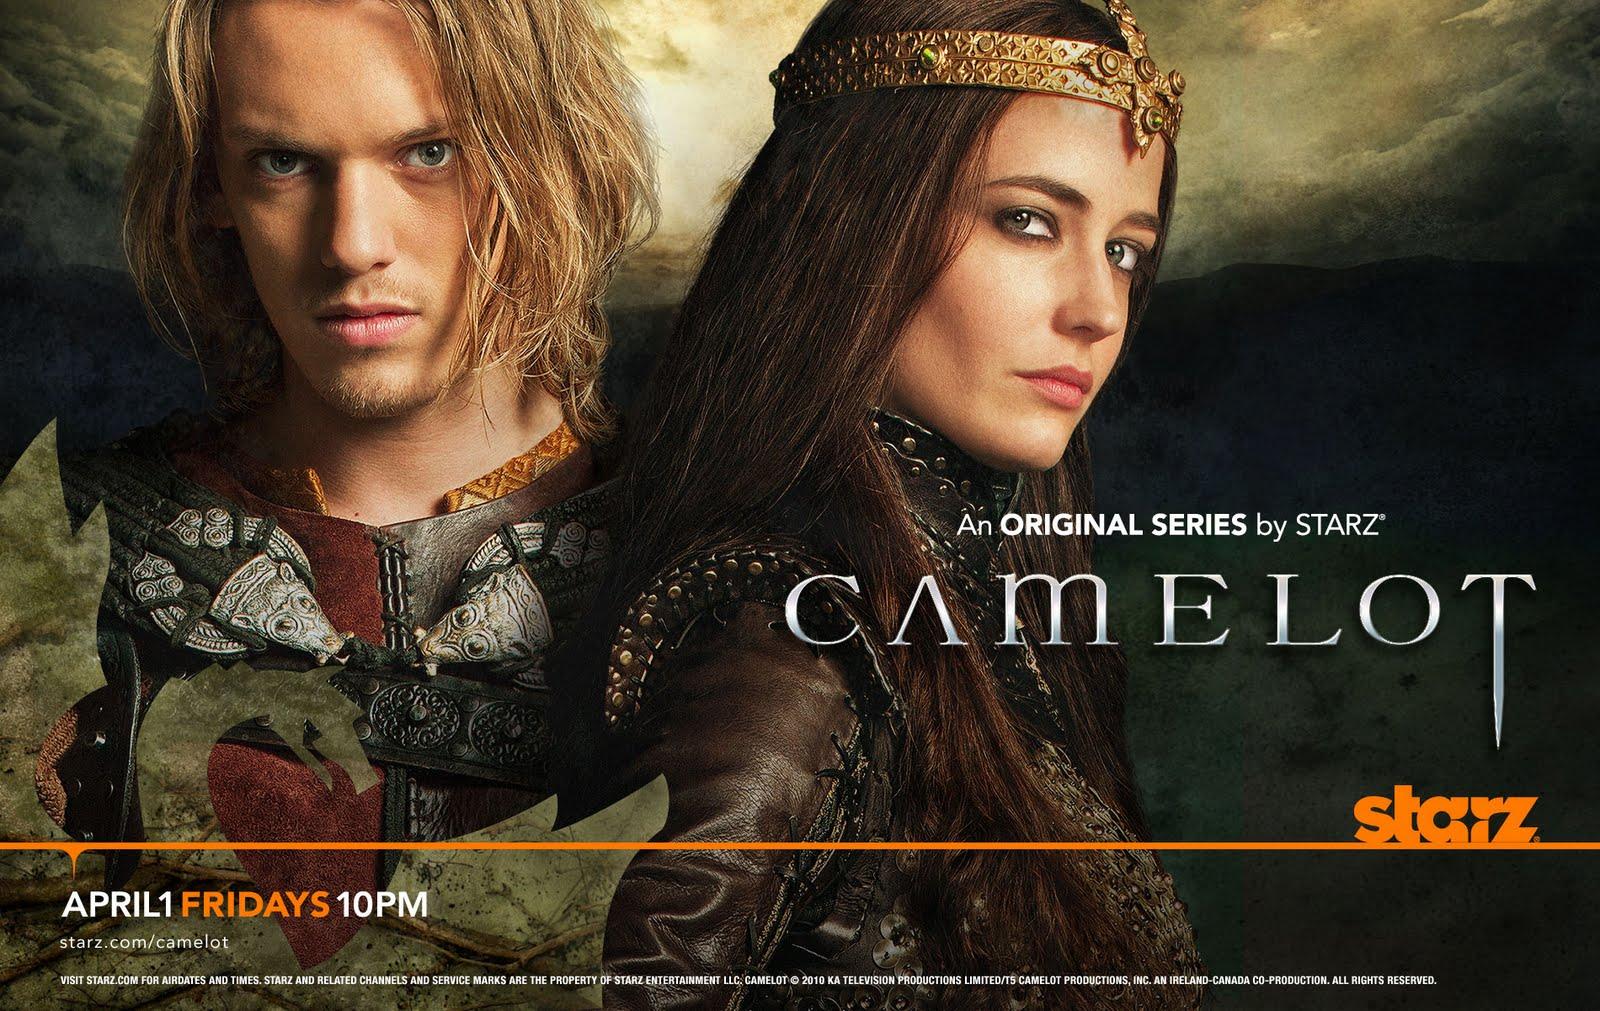 http://3.bp.blogspot.com/-gYj9ucZJ9io/Th0hGmQcfUI/AAAAAAAAIOA/z3HDvnvhlbk/s1600/Camelot_TV-Show_HD_Wallpaper_1920x1200.jpg